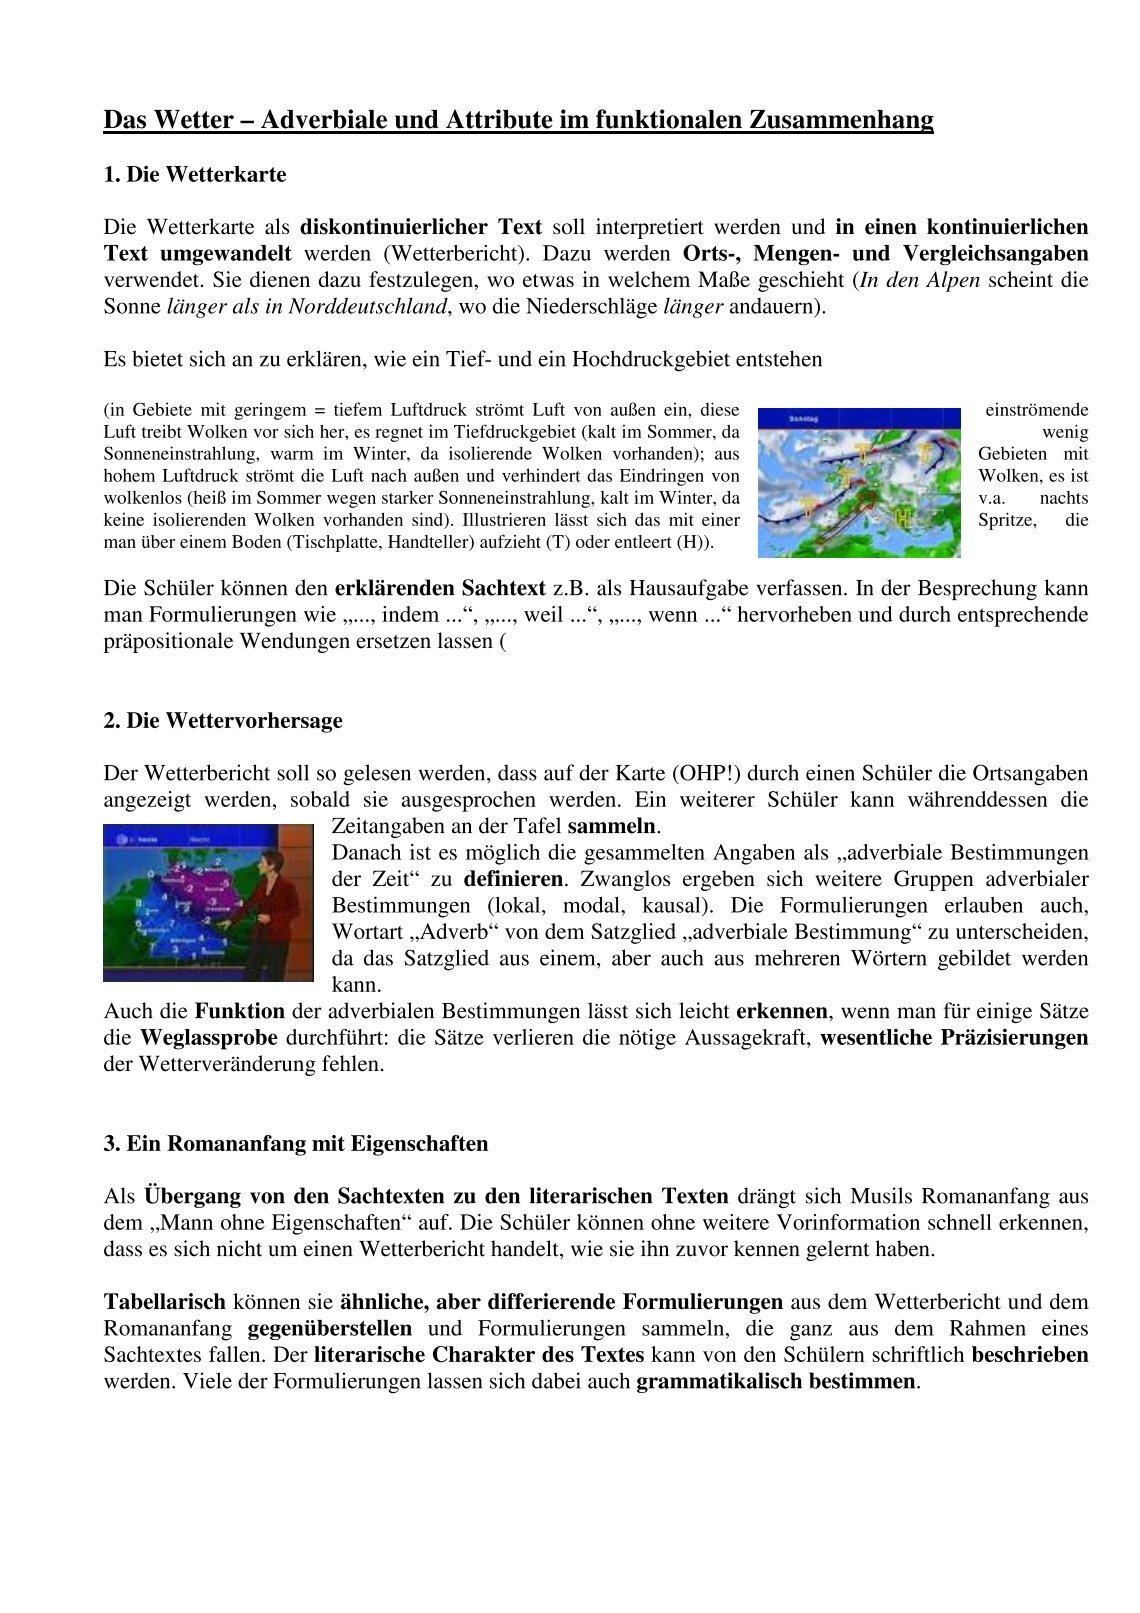 Outstanding Ein Paar Und Ein Wenig Arbeitsblatt Photos ...